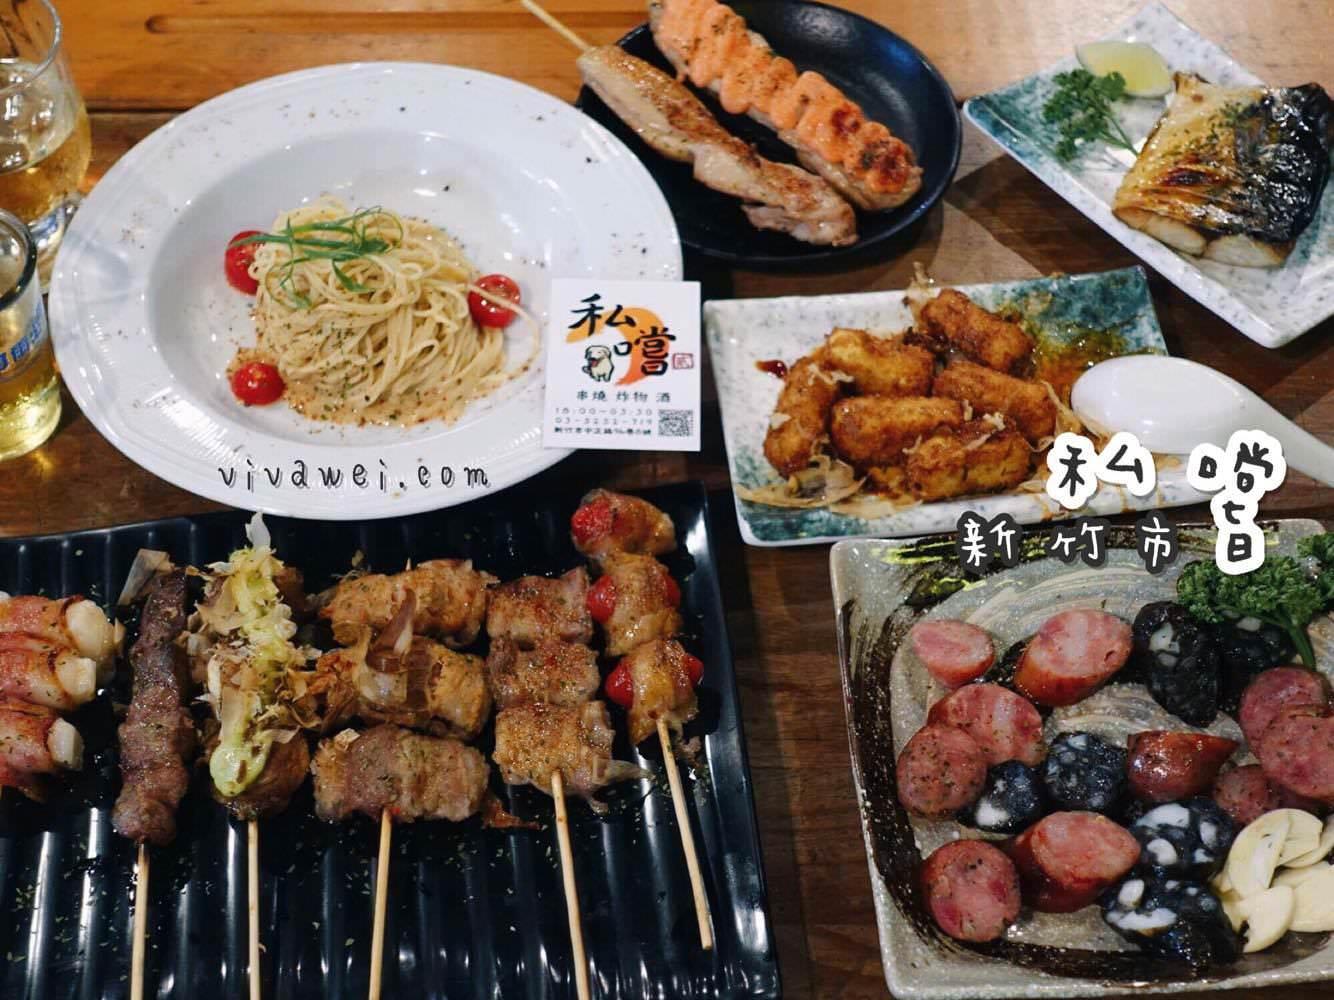 新竹美食居酒屋|『私嚐貳店』懷舊校園風的串燒炸物餐廳 (寵物友善)